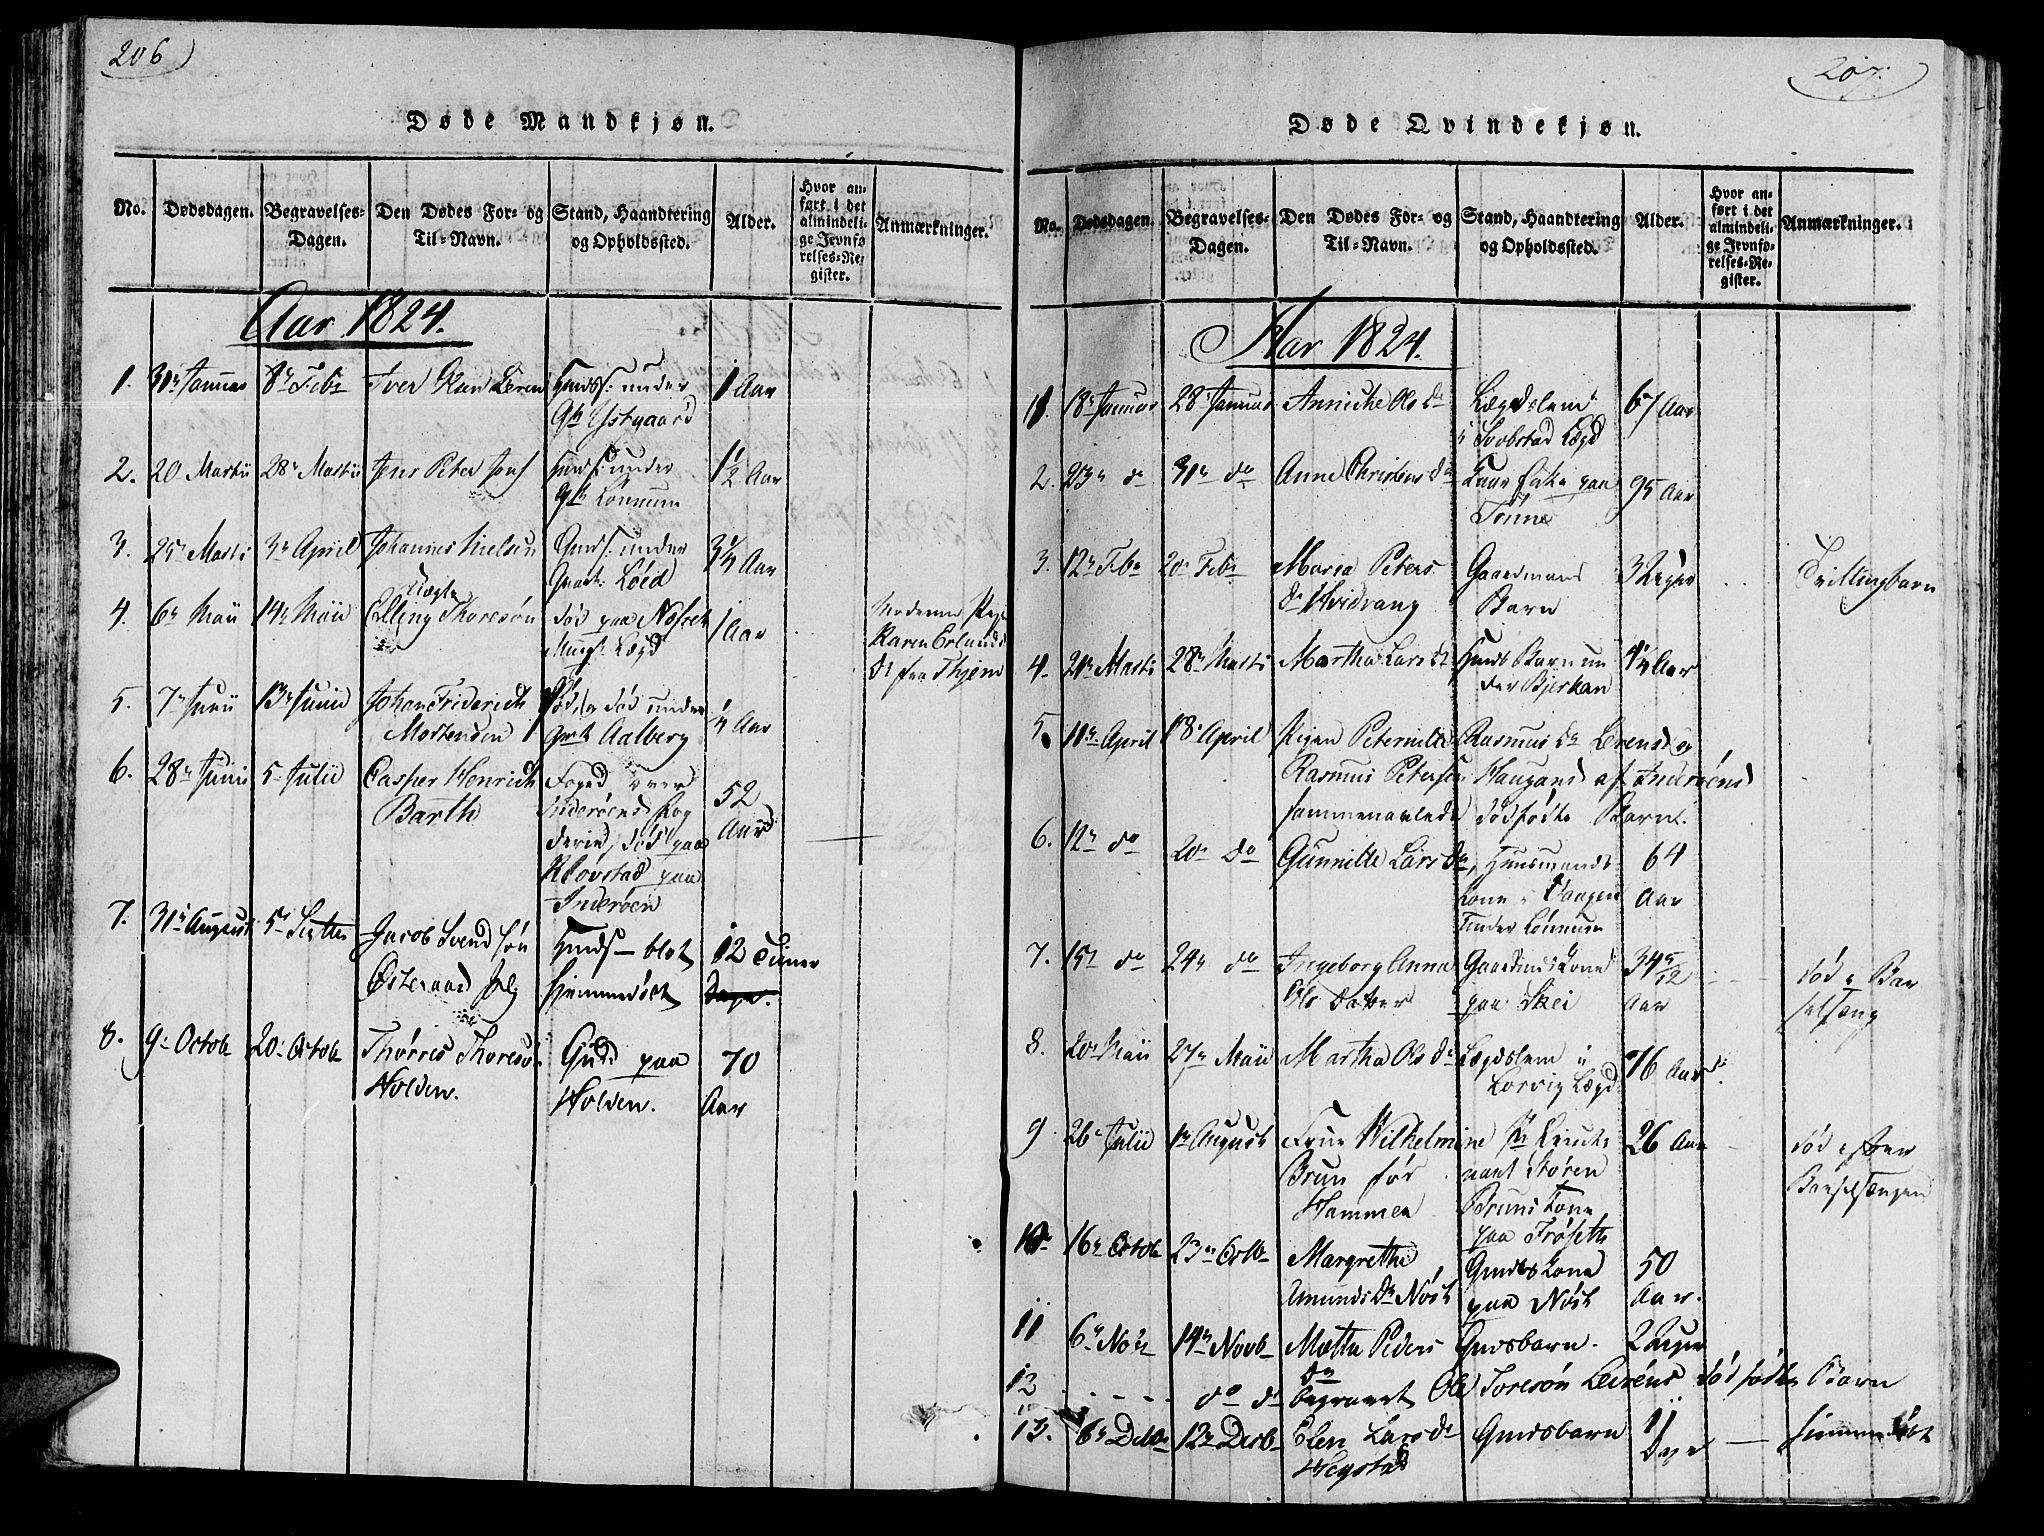 SAT, Ministerialprotokoller, klokkerbøker og fødselsregistre - Nord-Trøndelag, 735/L0333: Ministerialbok nr. 735A04 /1, 1816-1824, s. 206-207